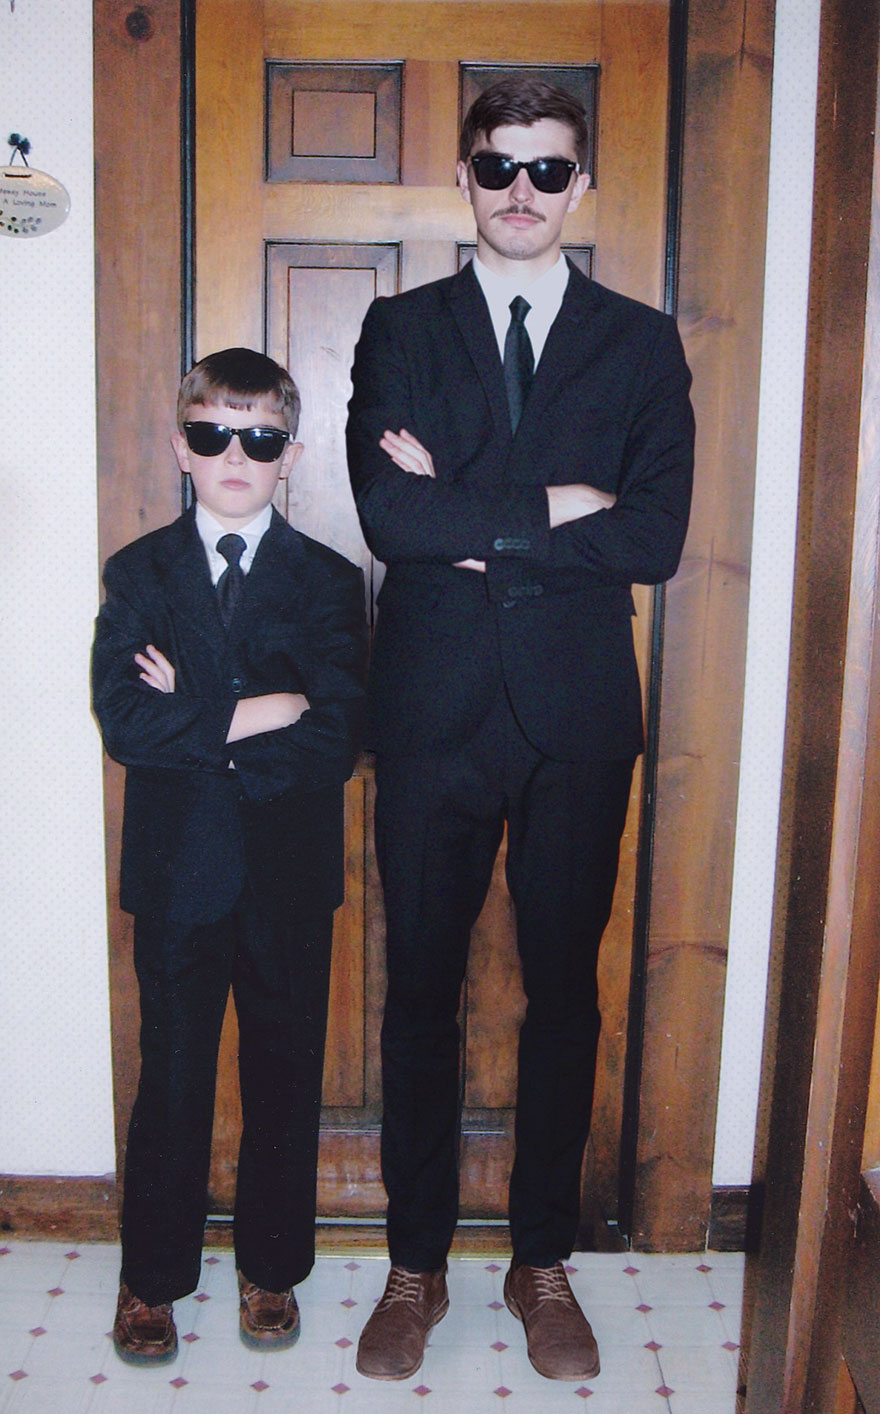 Với tài Photoshop điệu nghệ, chàng trai có thể quay ngược thời gian để gặp chính mình hồi bé - Ảnh 5.